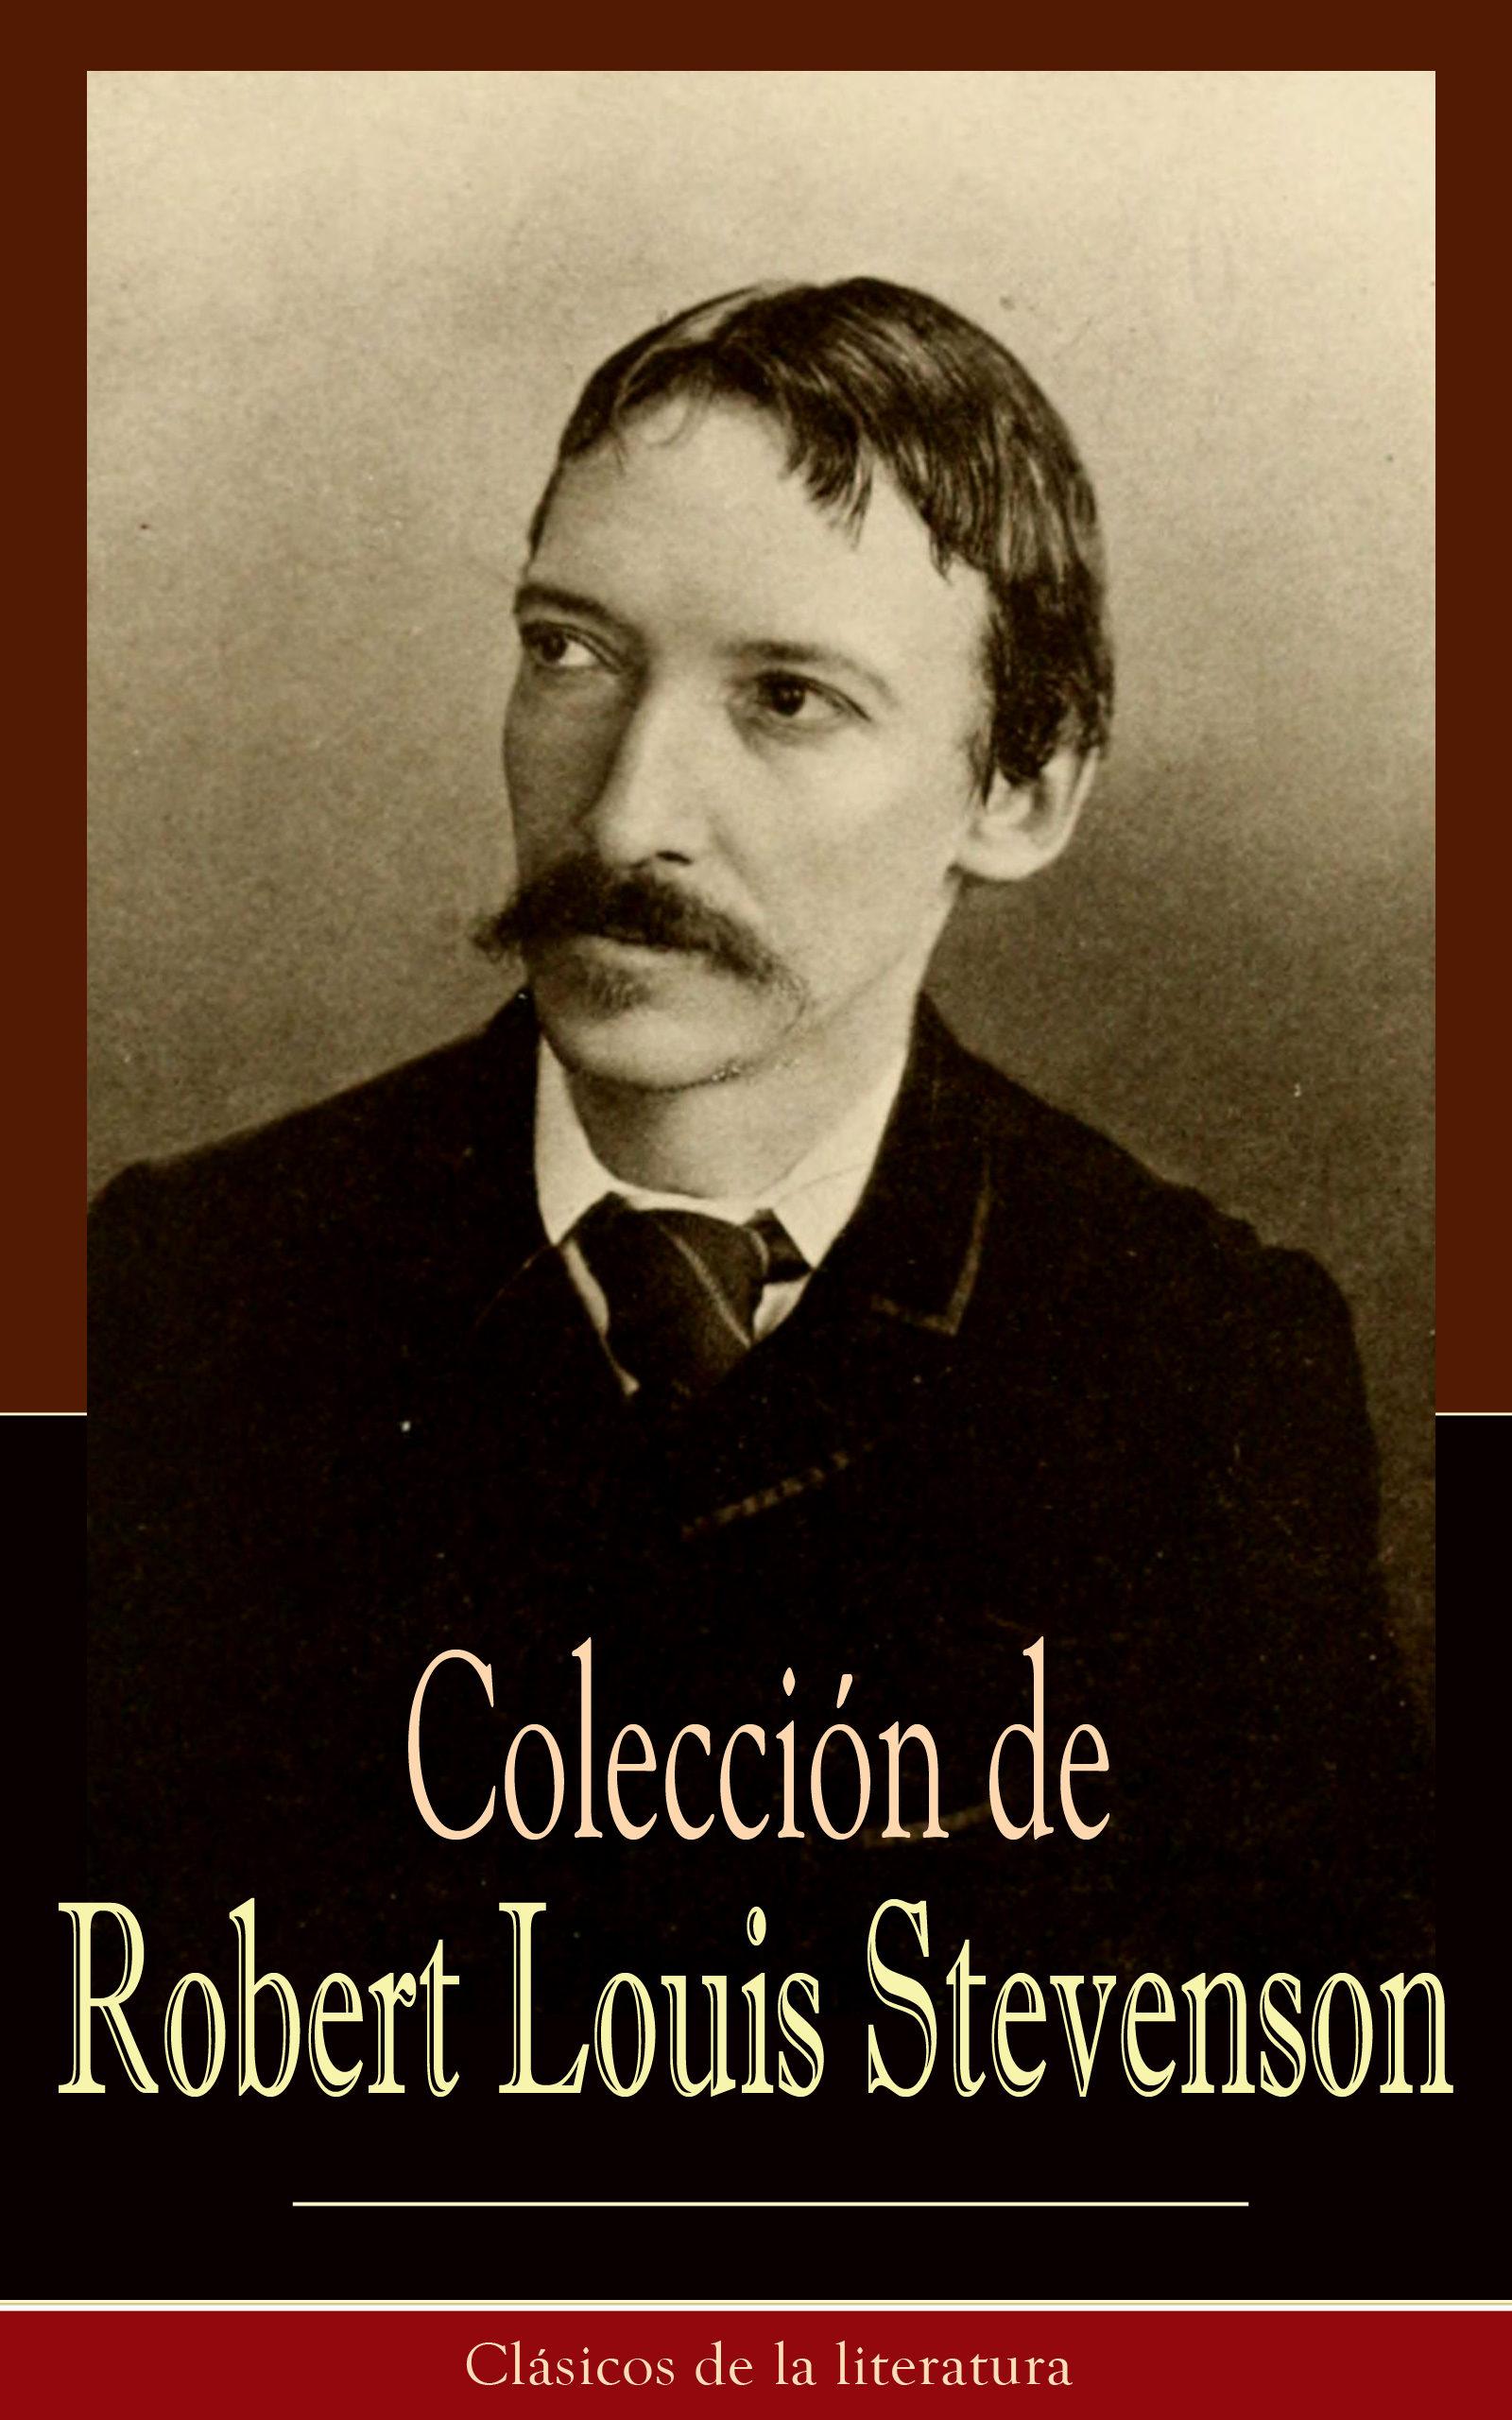 Colección de Robert Louis Stevenson: Clásicos de la literatura